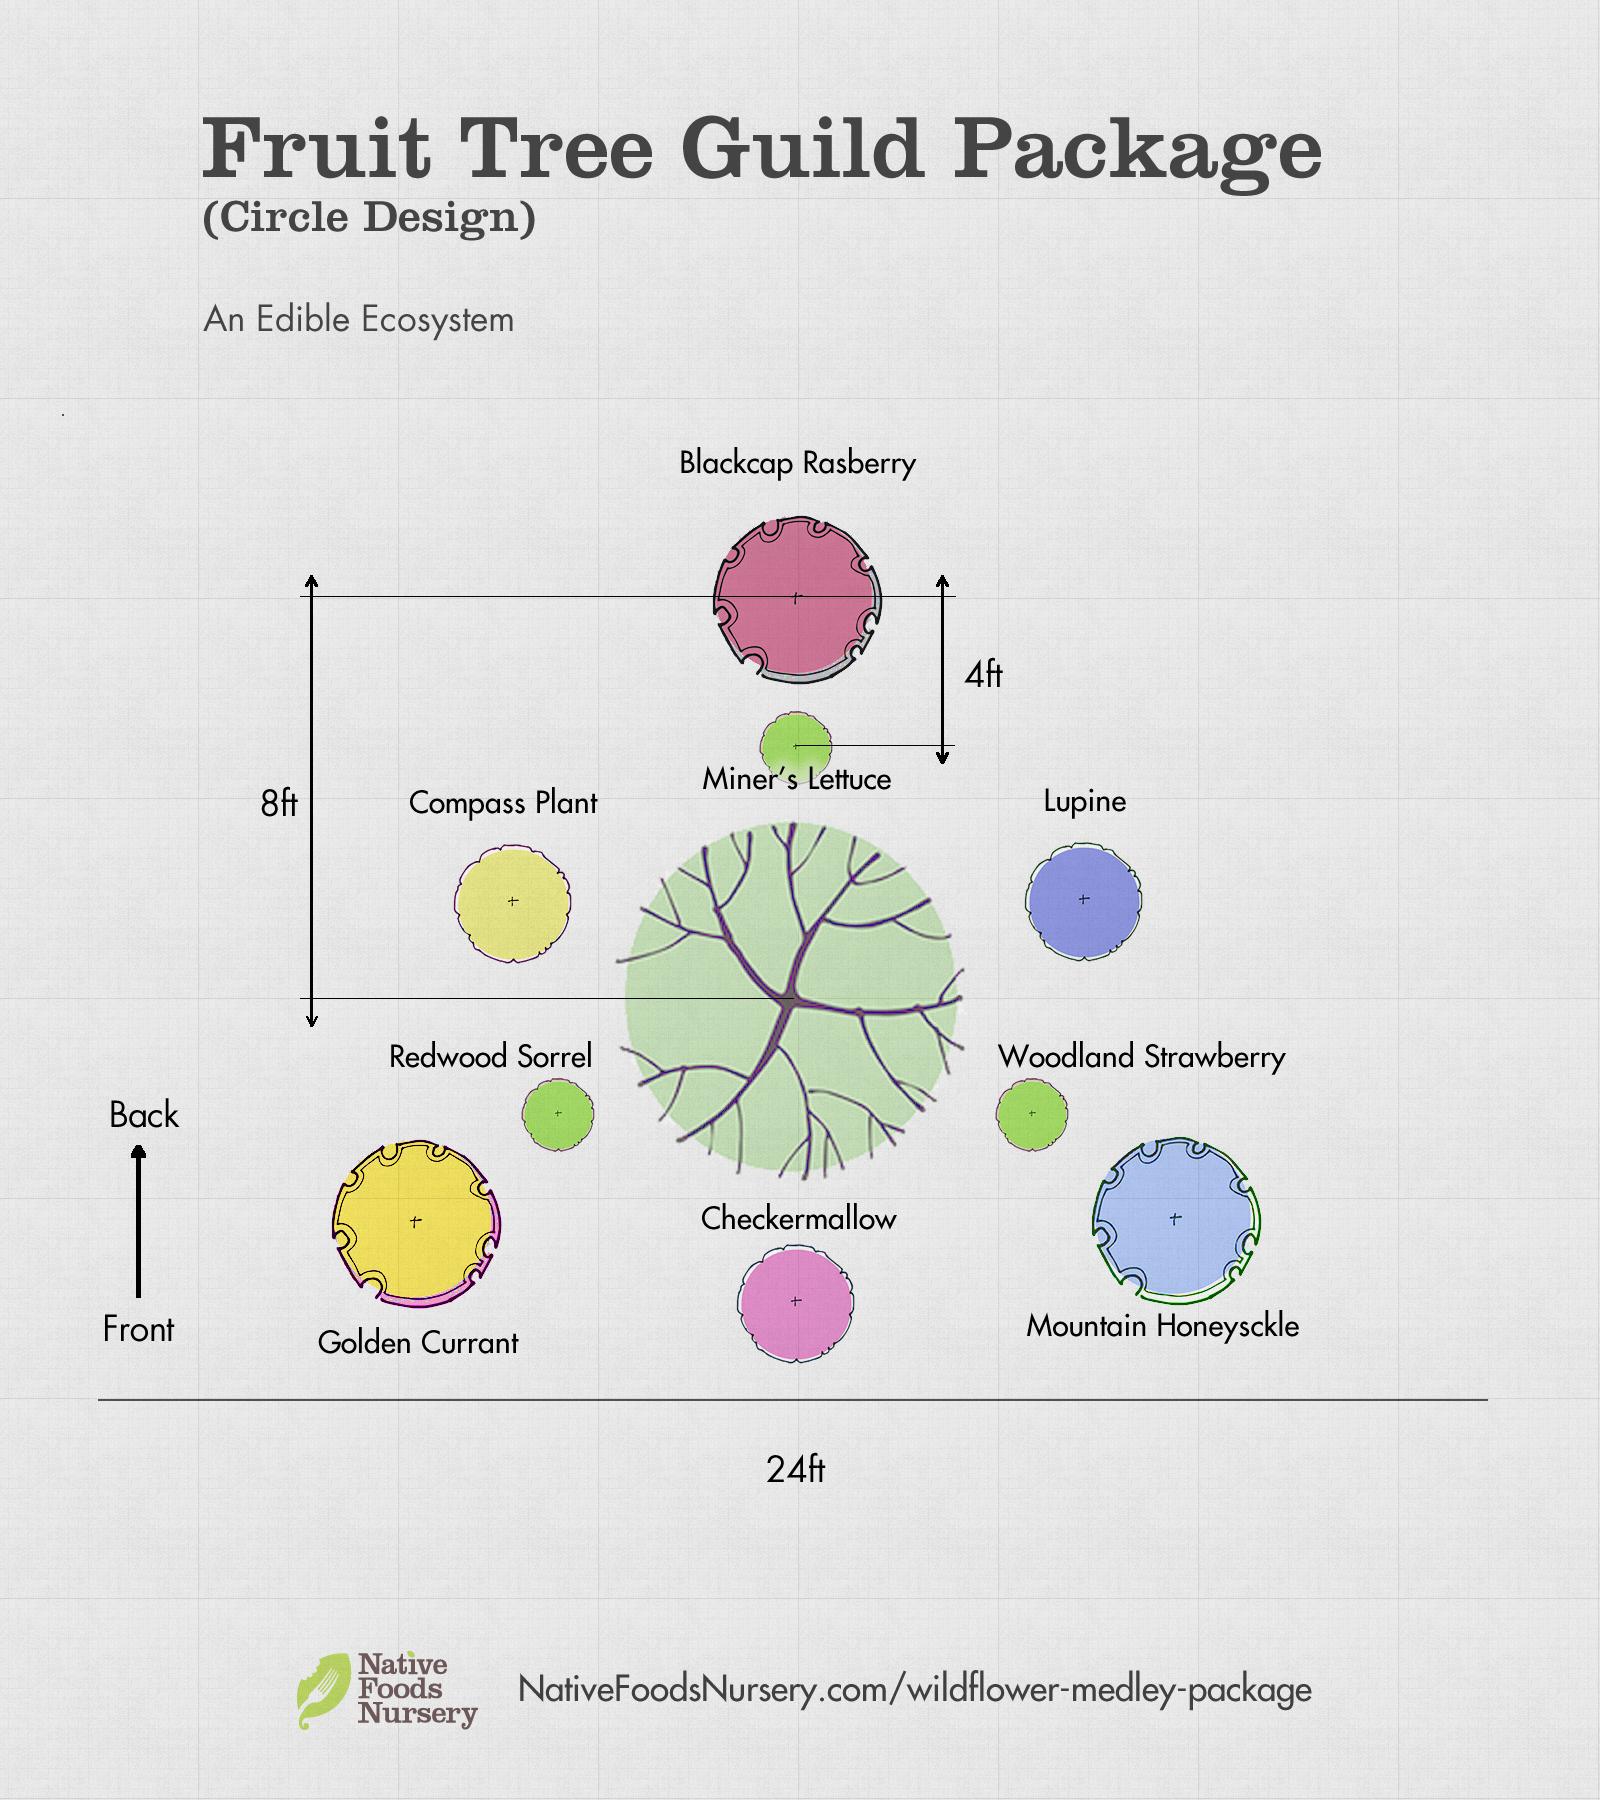 fruit-tree-guild-package.jpg